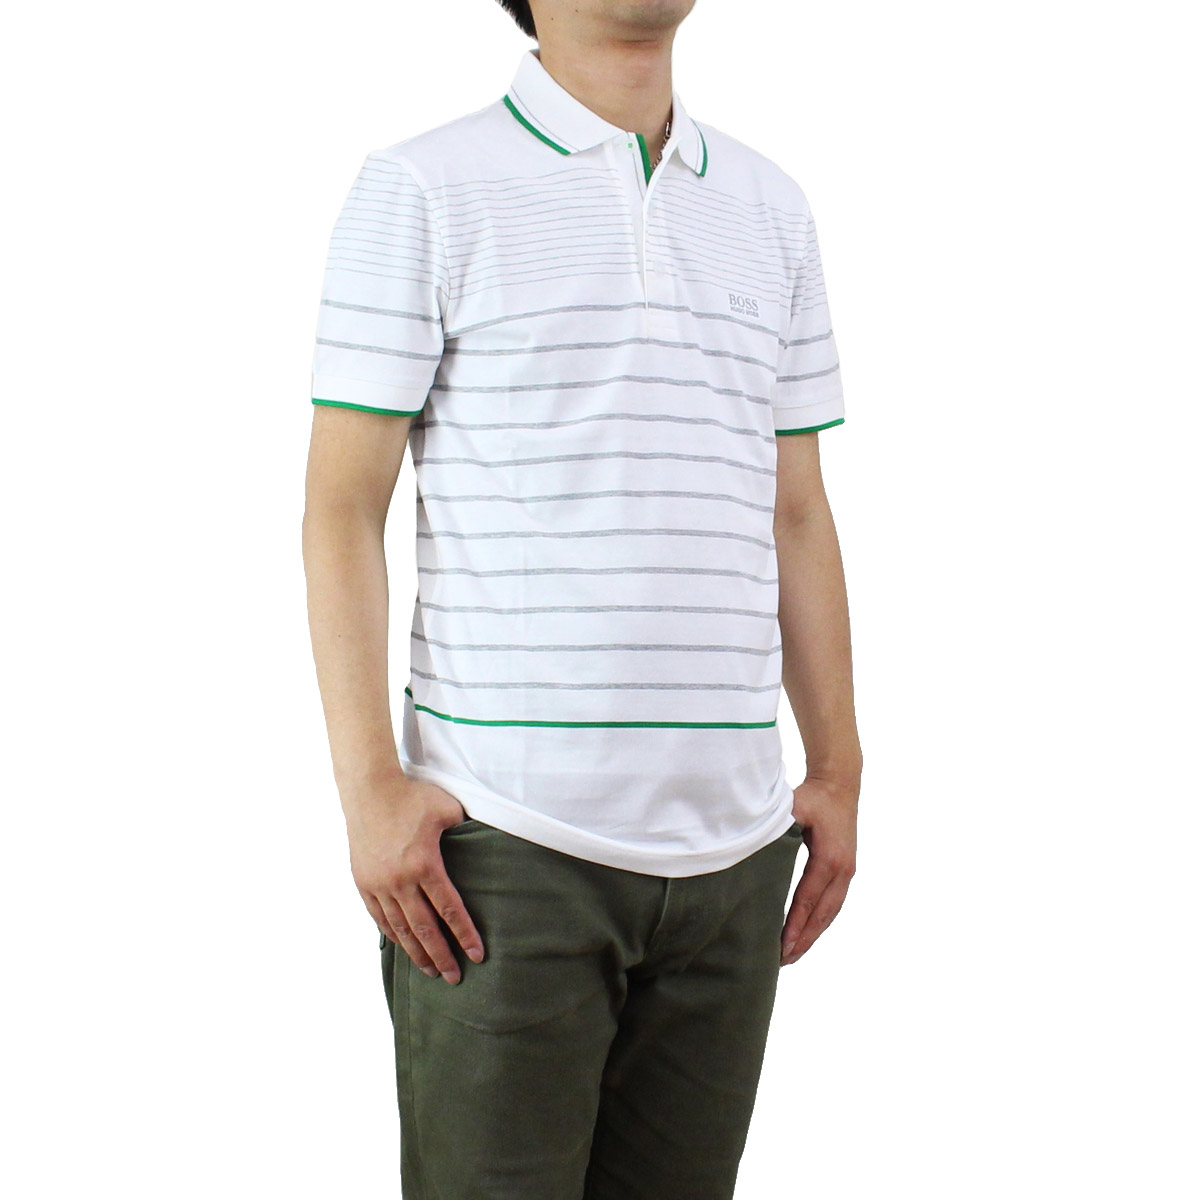 0c3db9a8 Hugo boss (HUGO BOSS) men's short-sleeved polo shirt 50329696 10195908 100  white ...